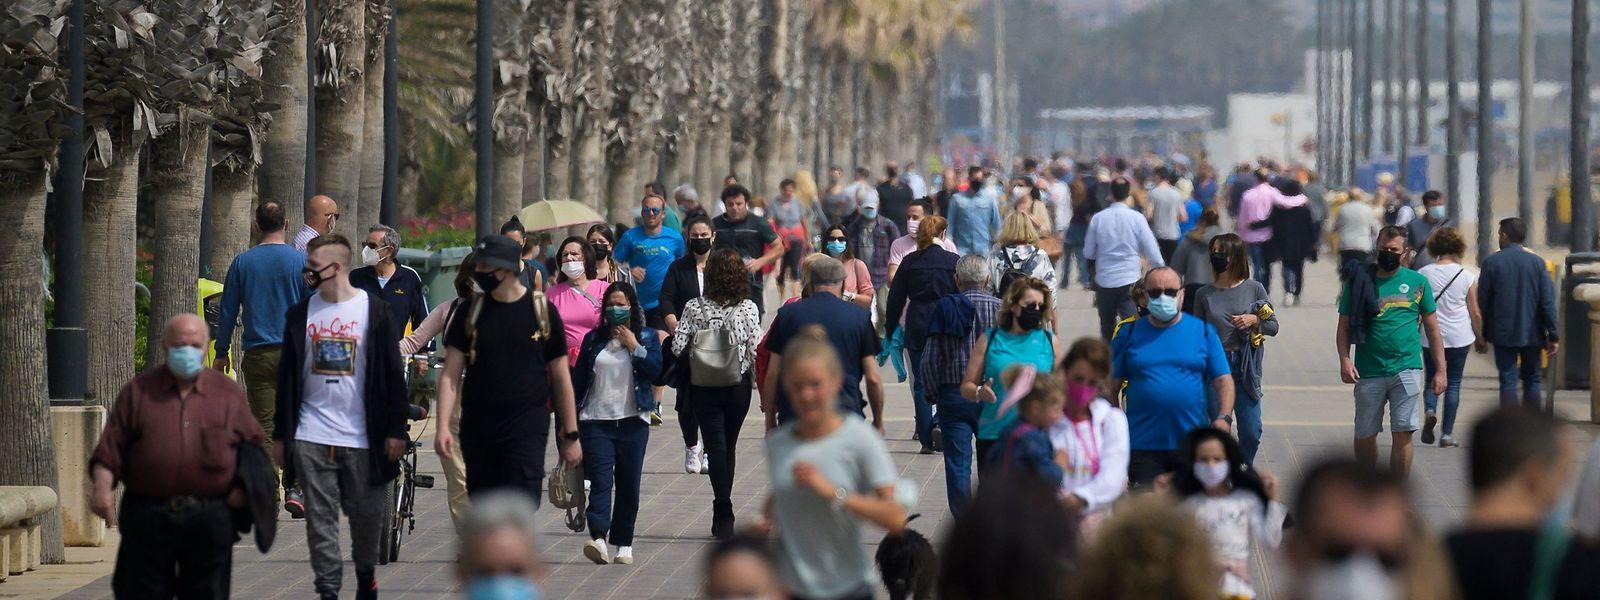 In Valencia nutzen zahlreiche Menschen die neuen Möglichkeiten zum Flanieren.